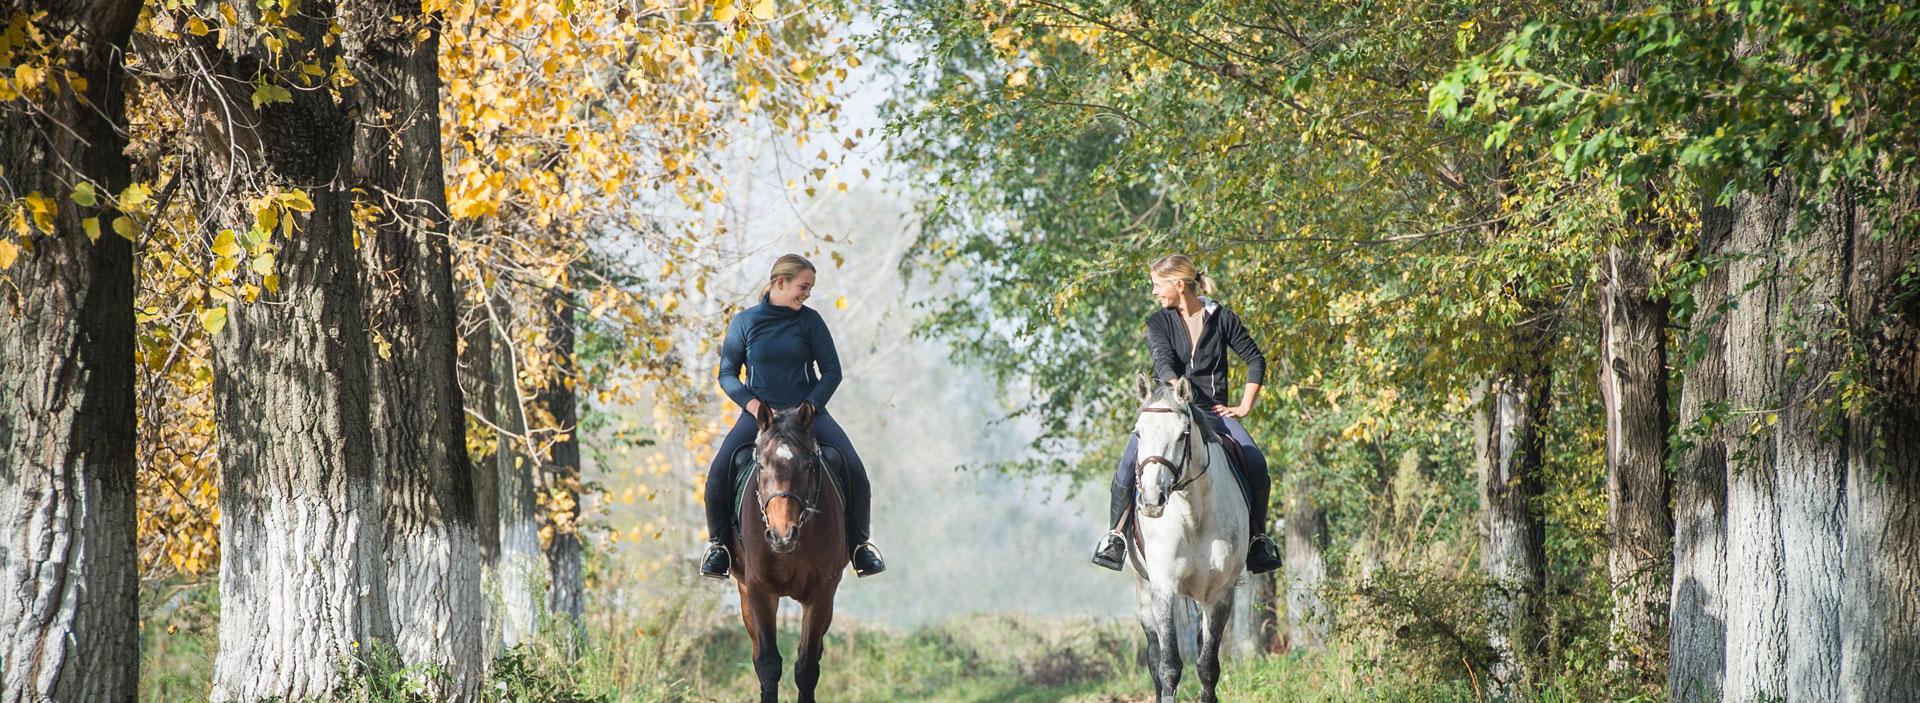 Zwei Reiter im Wald